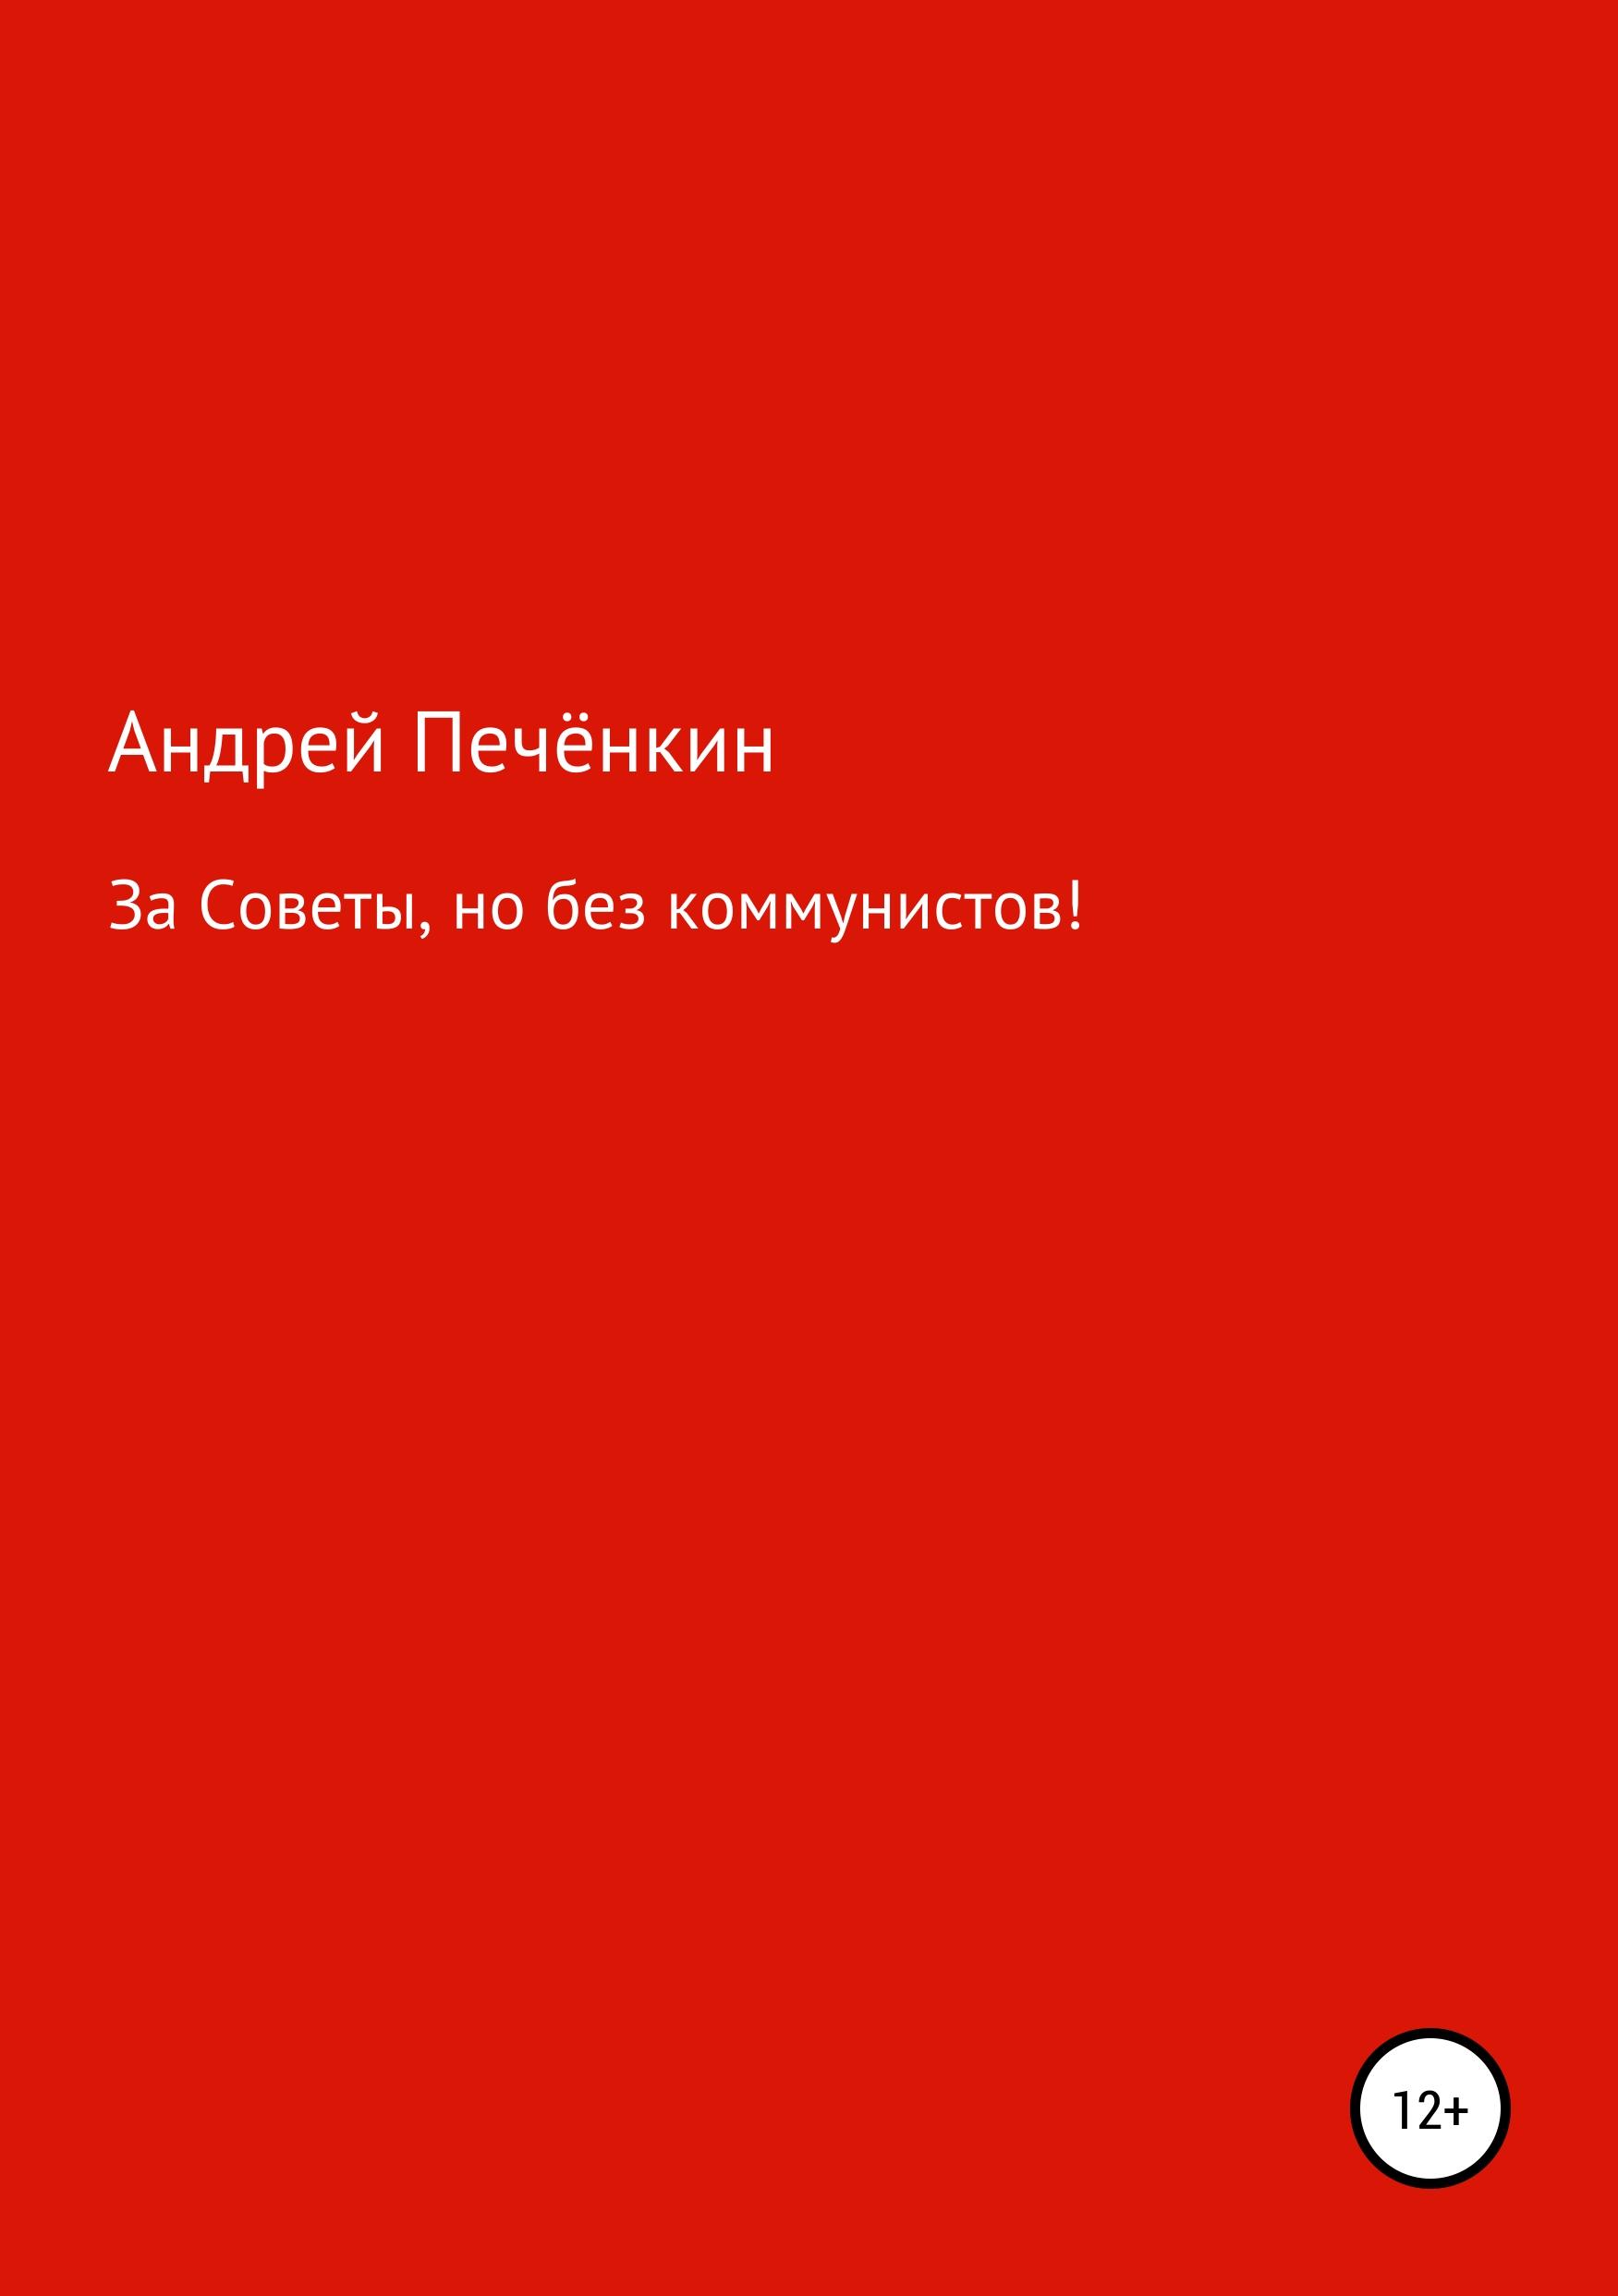 Купить книгу За Советы, но без коммунистов!, автора Андрея Васильевича Печёнкина